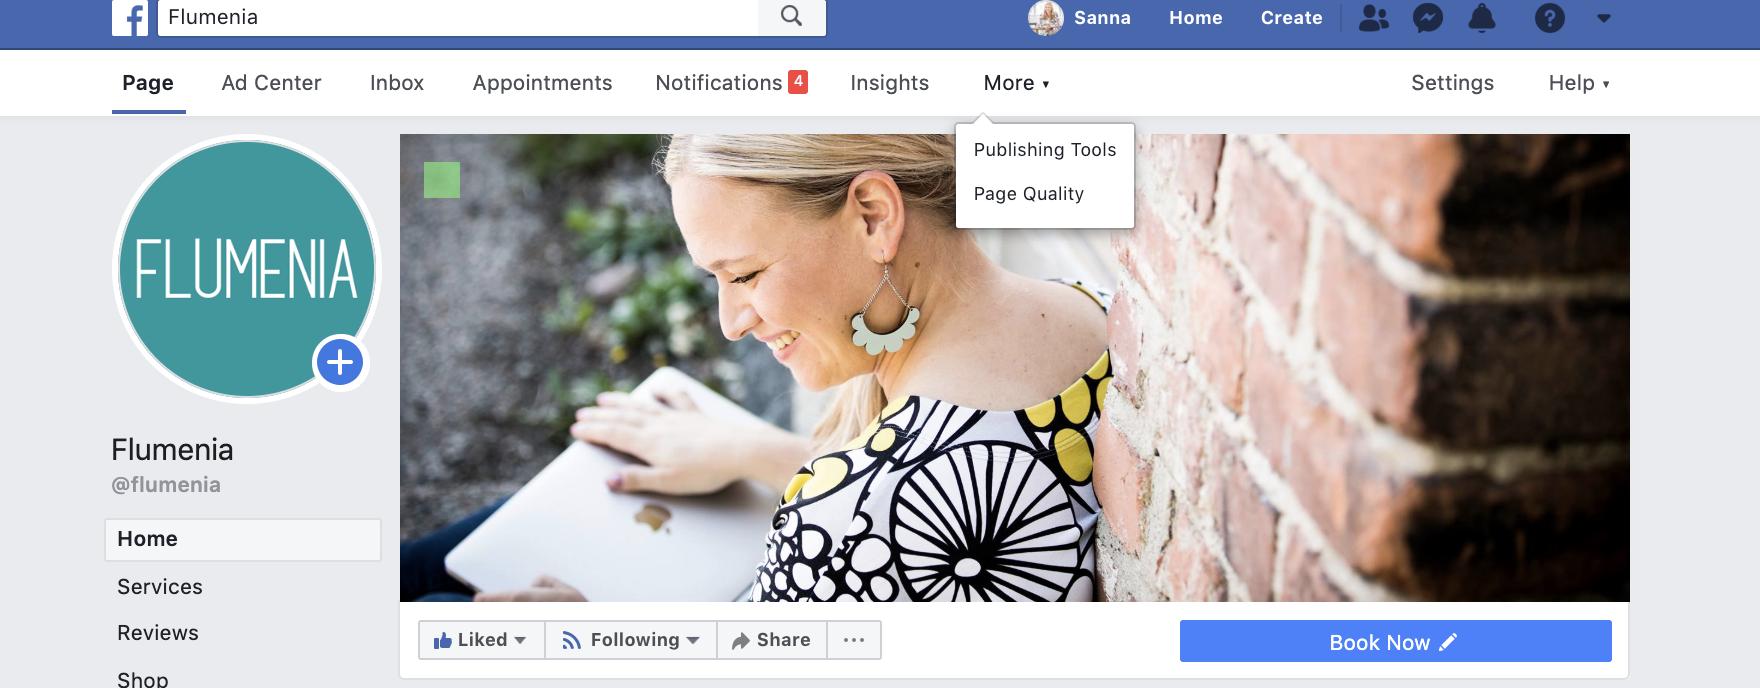 Facebook julkaisujen hallinta